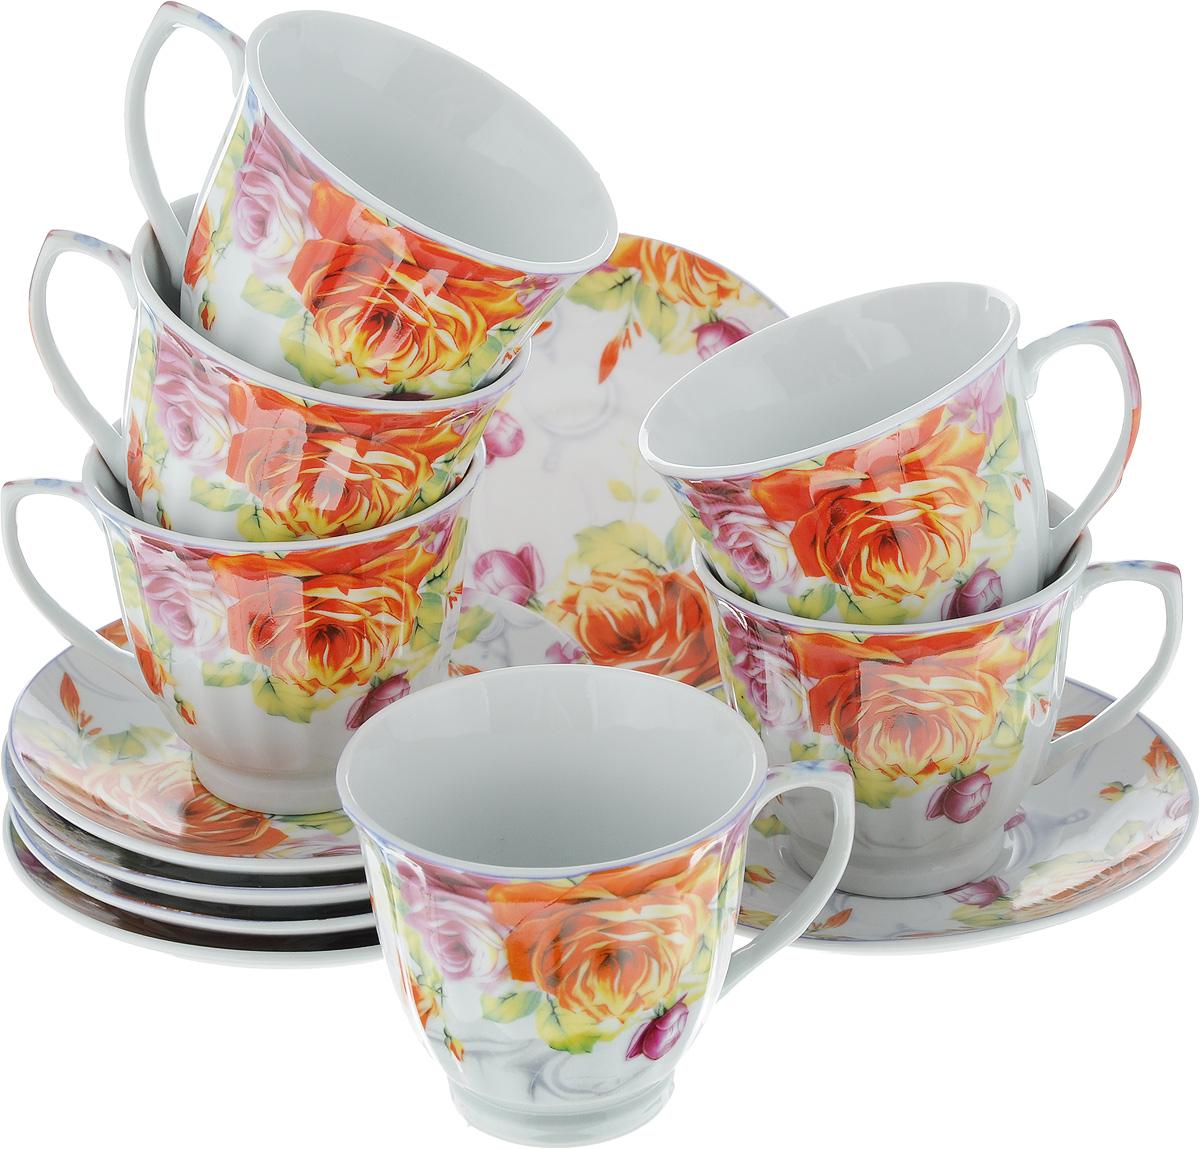 Набор чайный Loraine Розы, 12 предметов. 2253222532Чайный набор Loraine Розы состоит из шести чашек и шести блюдец. Изделия выполнены из высококачественного фарфора и оформлены цветочным рисунком. Такой набор изящно дополнит сервировку стола к чаепитию. Благодаря оригинальному дизайну и качеству исполнения, он станет замечательным подарком для ваших друзей и близких. Набор упакован в красивую подарочную коробку. Объем чашки: 220 мл. Диаметр чашки (по верхнему краю): 8,7 см. Высота чашки: 7,5 см. Диаметр блюдца: 13,5 см. Высота блюдца: 2 см.